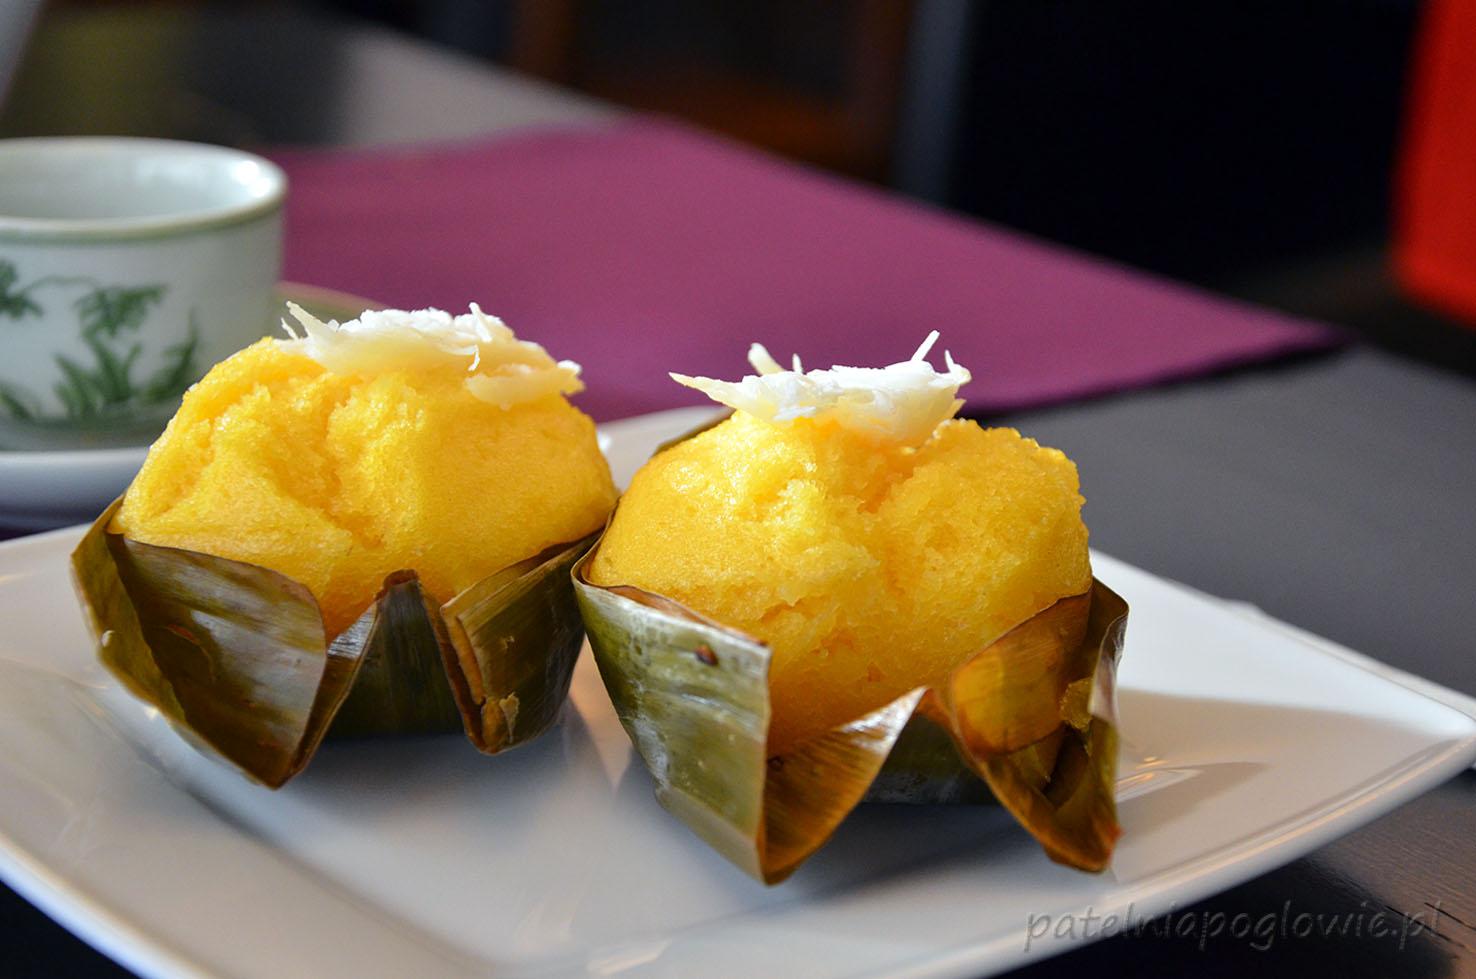 restauracja Yummy, obiad, Warszawa, zupa, deser, makaron, ciasto kokosowe na parze